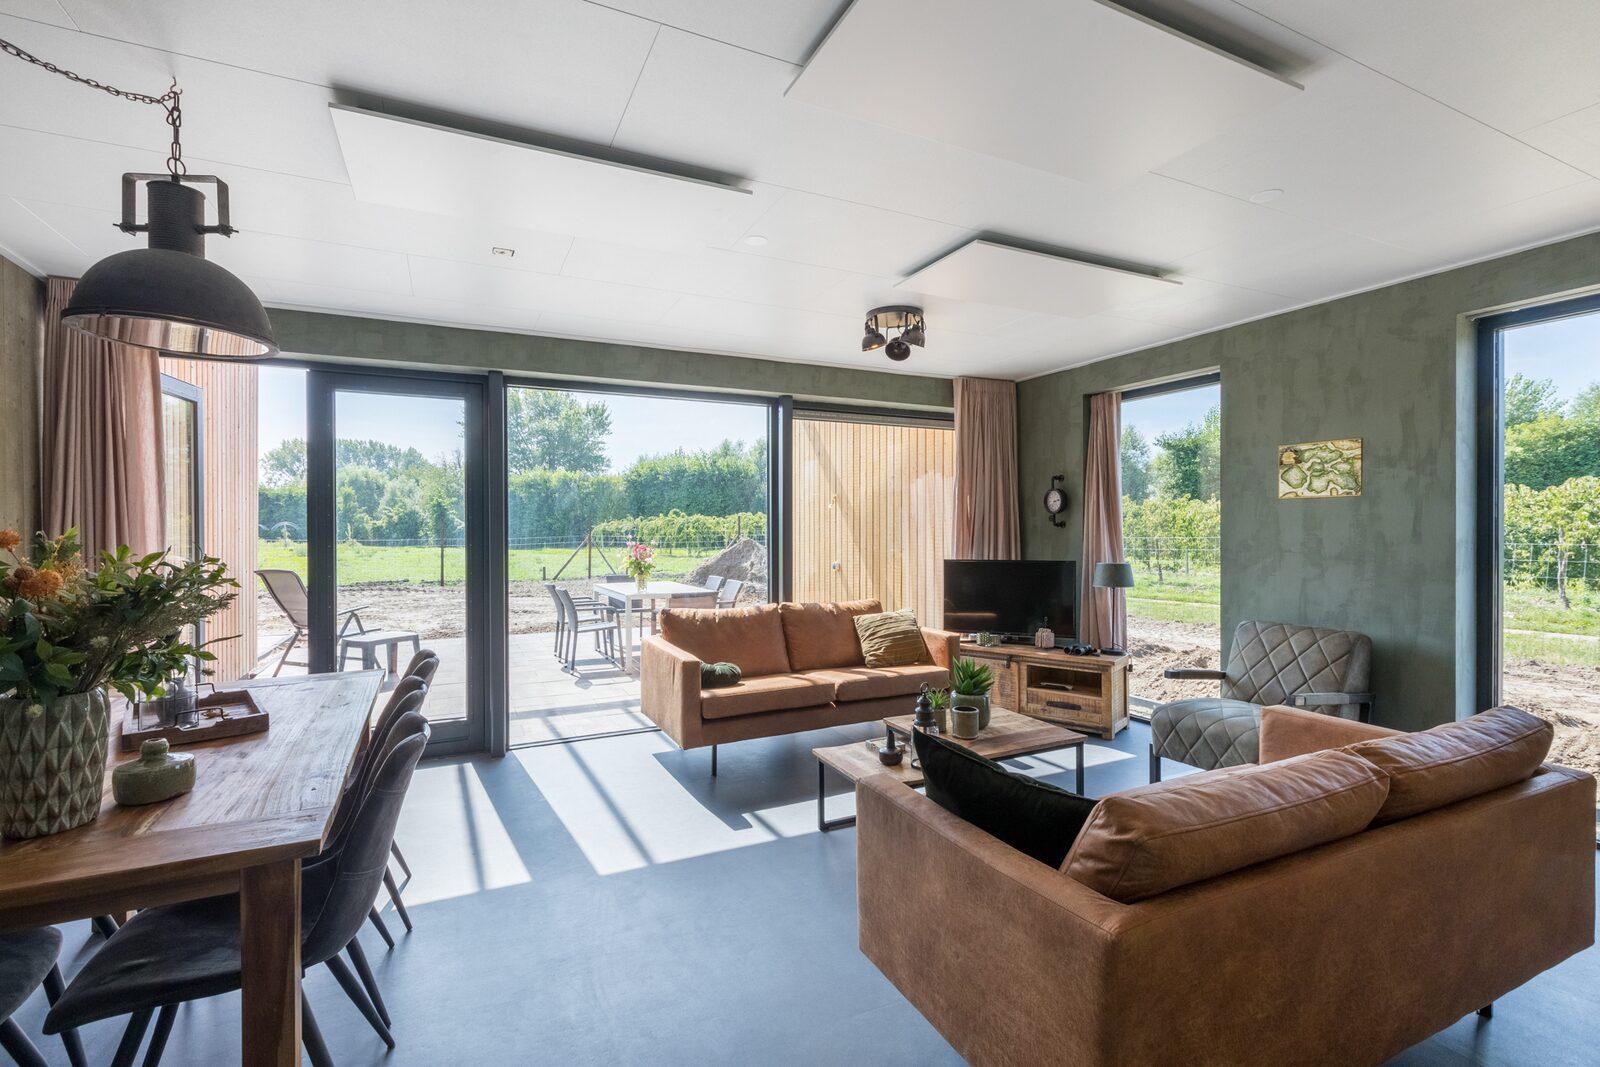 Vakantiehuis - Vroondijk 2 | Vrouwenpolder 'Duinappel en Zonnebes'